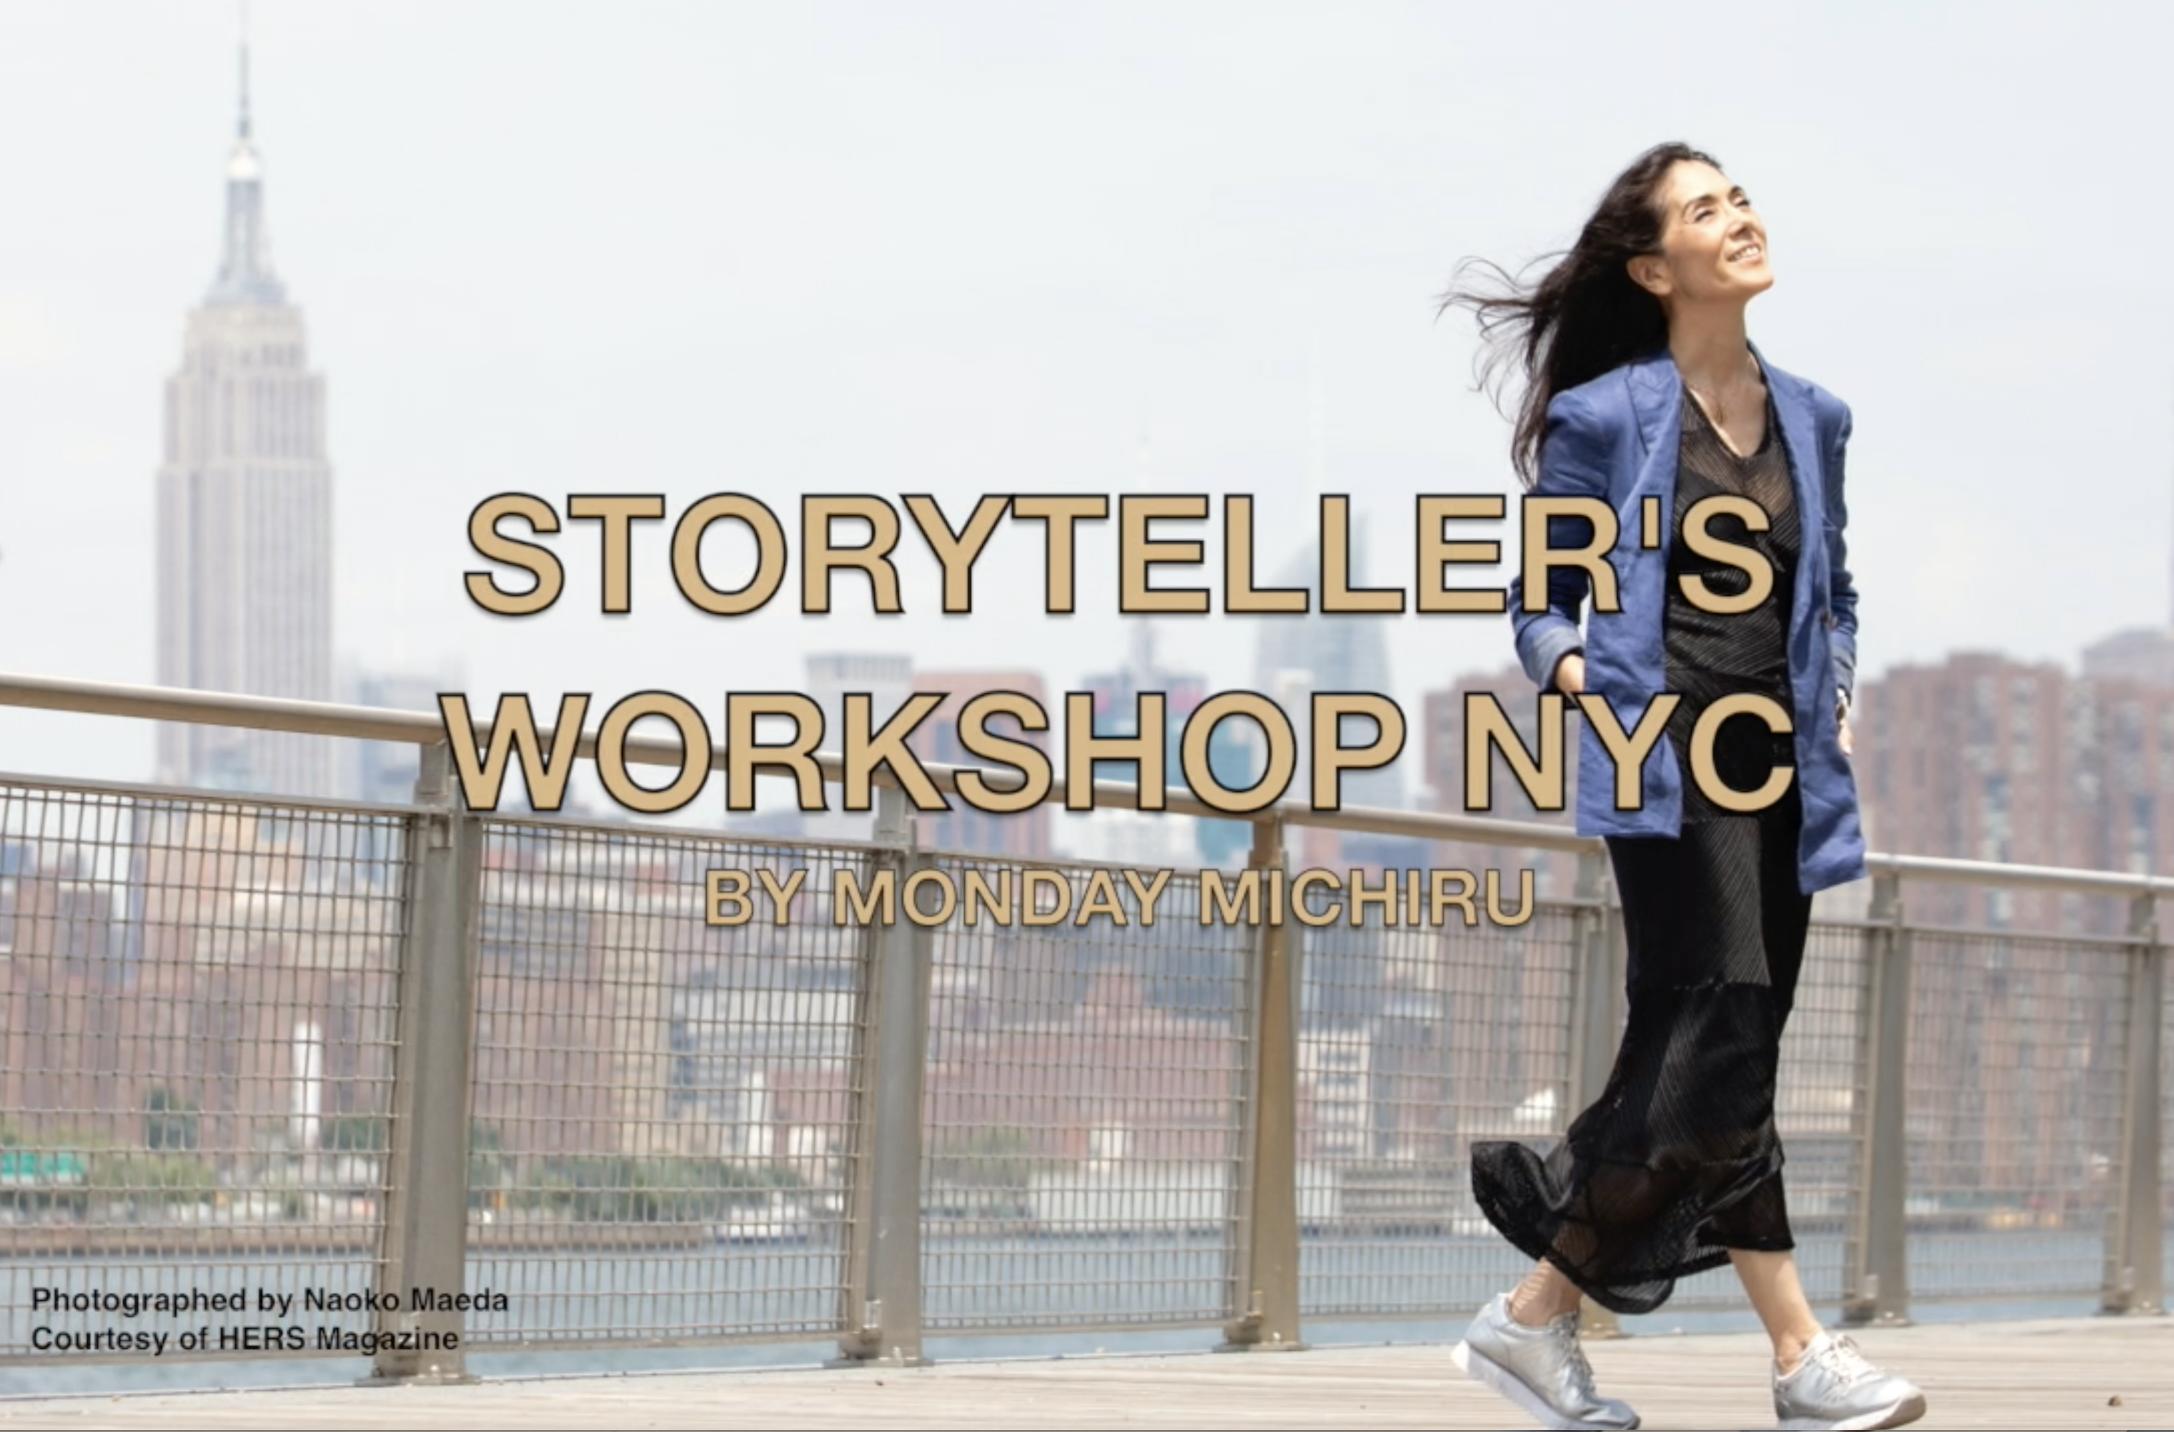 Storytellers Workshop NYC